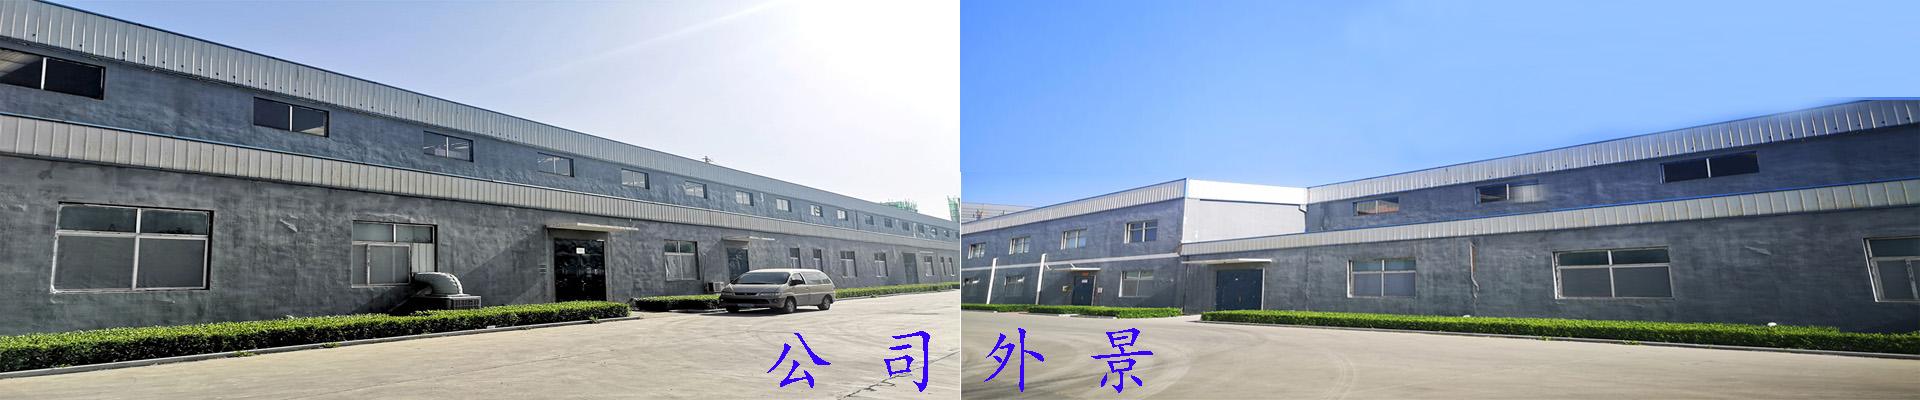 安卓(北京)卫生材料有限公司